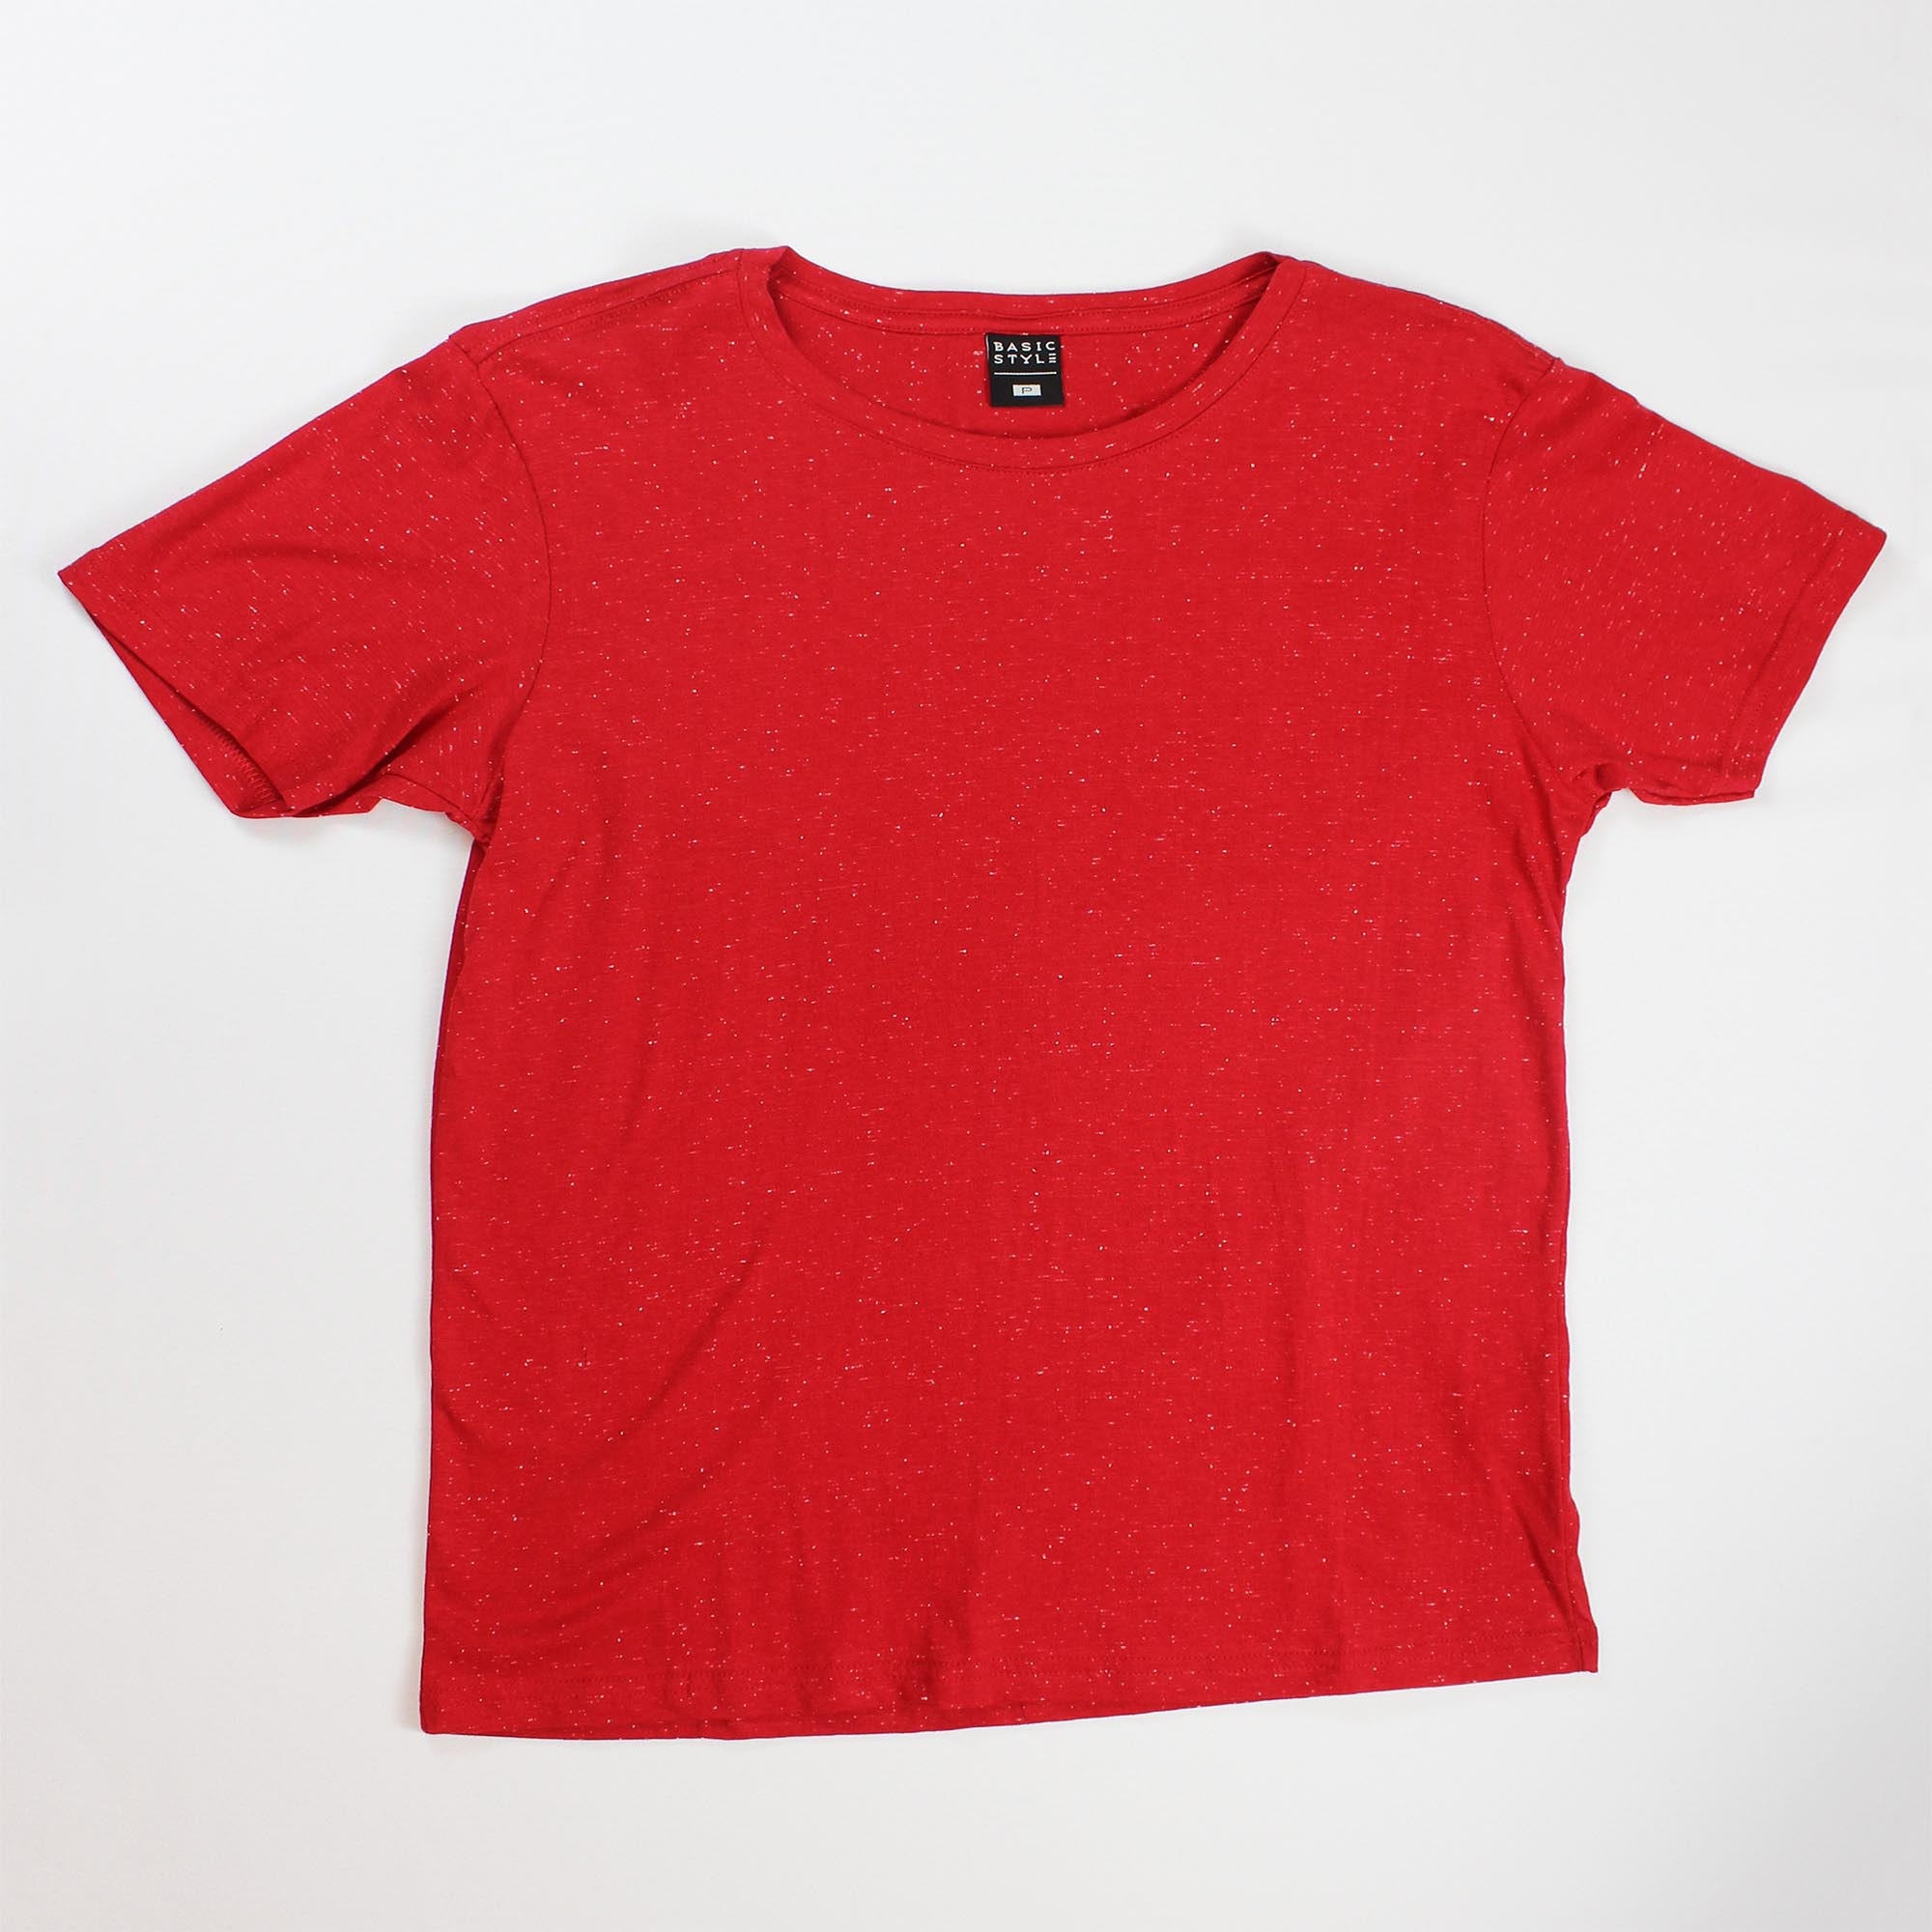 Camiseta Estampada Masculina - Tamanho P ao G